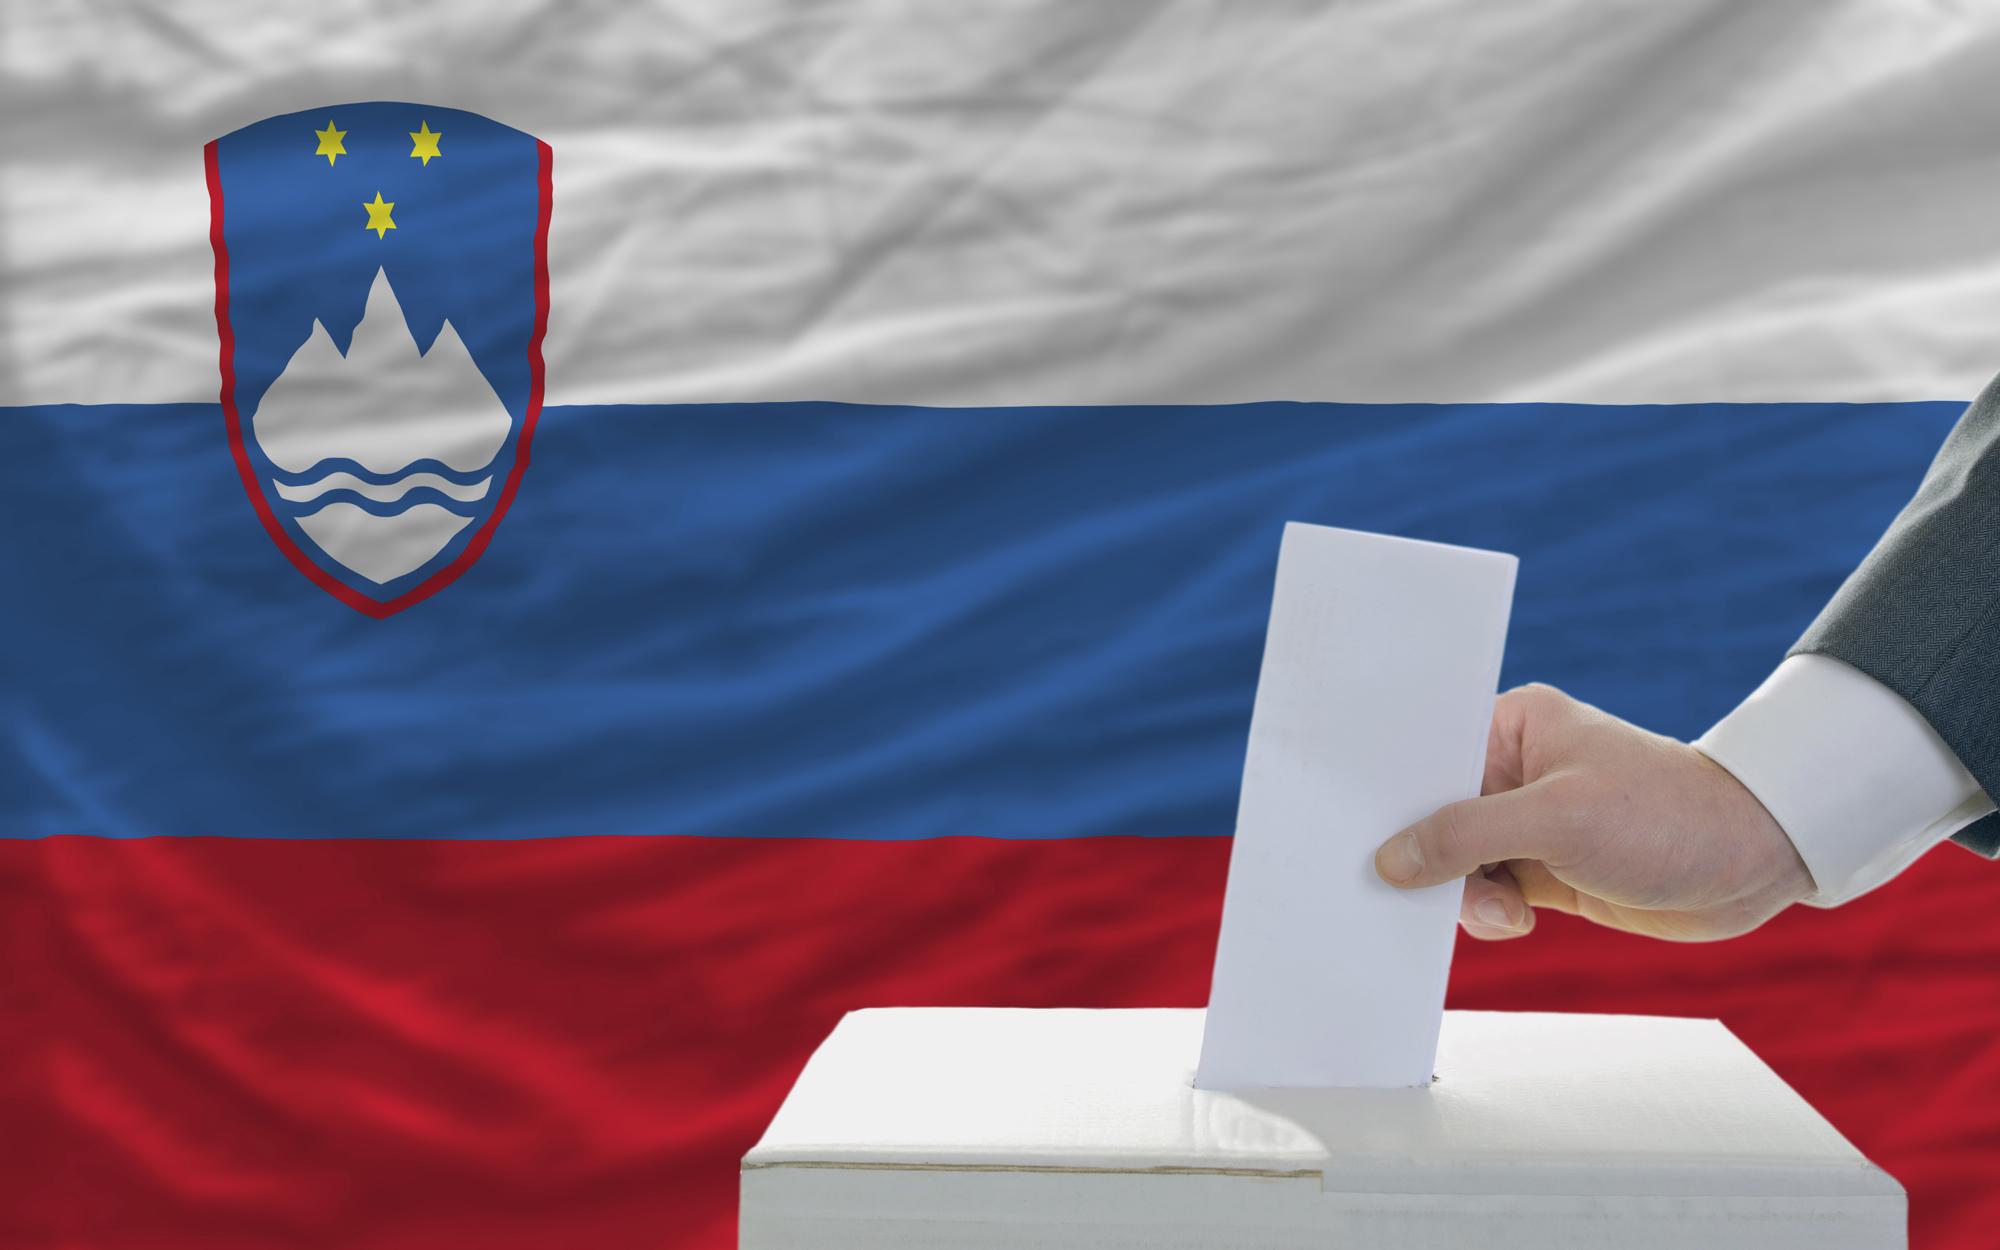 Pravila pri spremljanju volilne kampanije in predstavitev mnenj ter kandidatov za predsednika Republike Slovenije